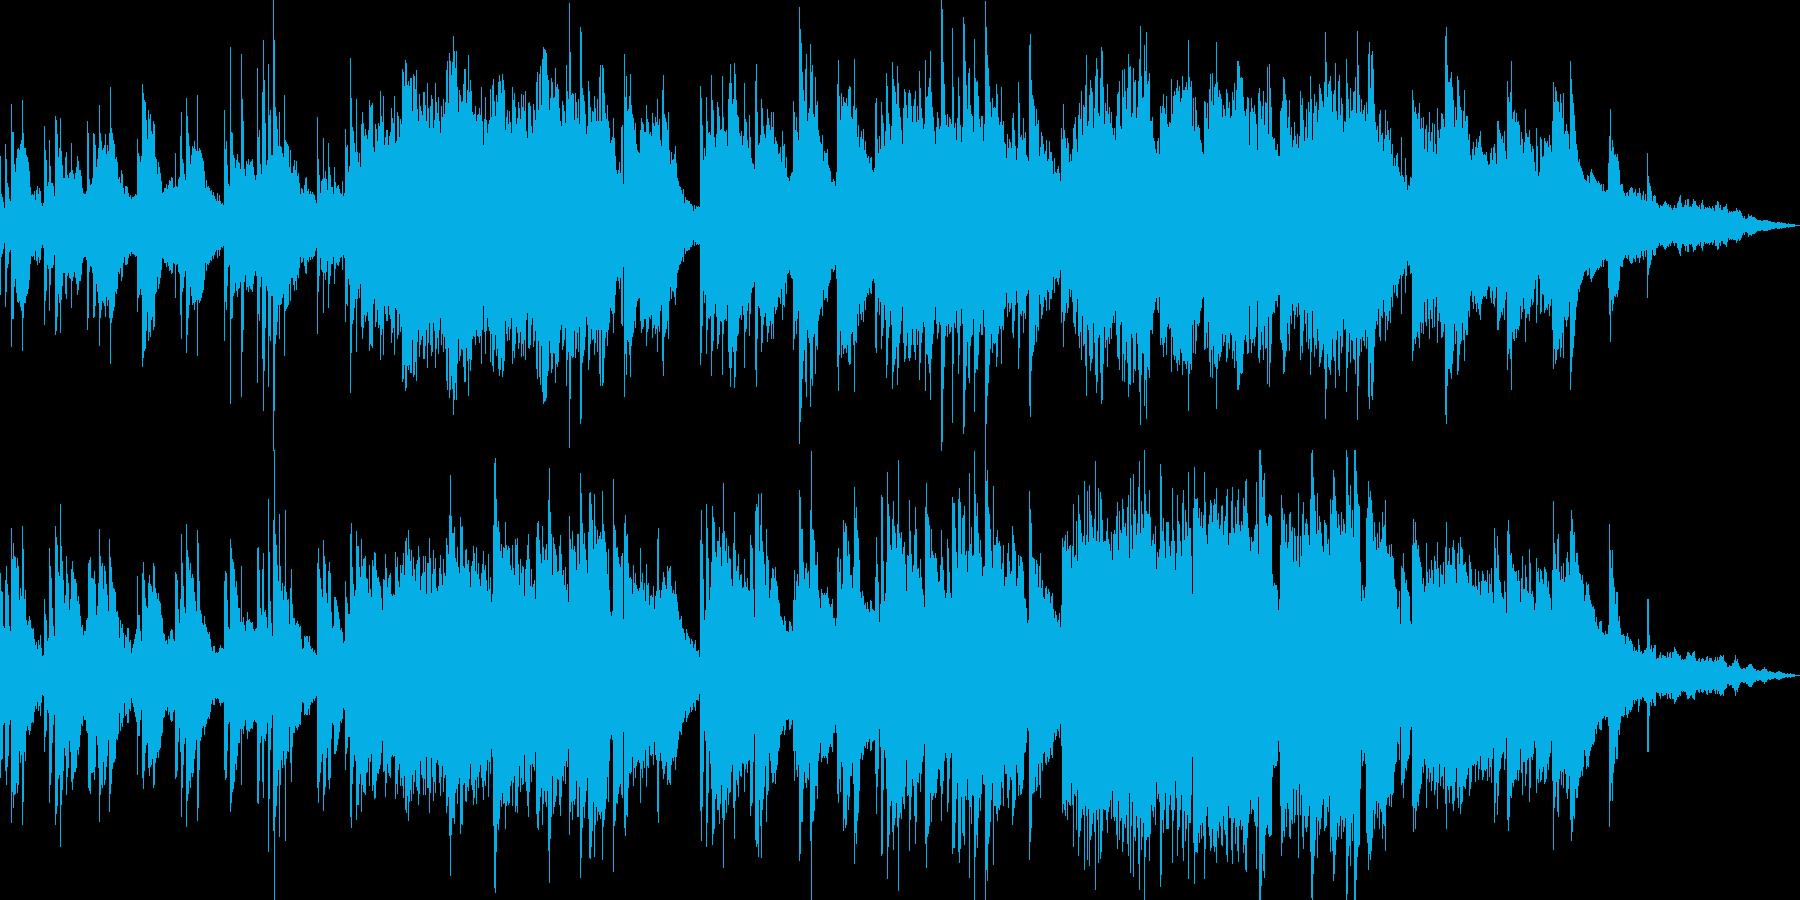 【ピアノソロ】バラード・ピアノ・透明感の再生済みの波形